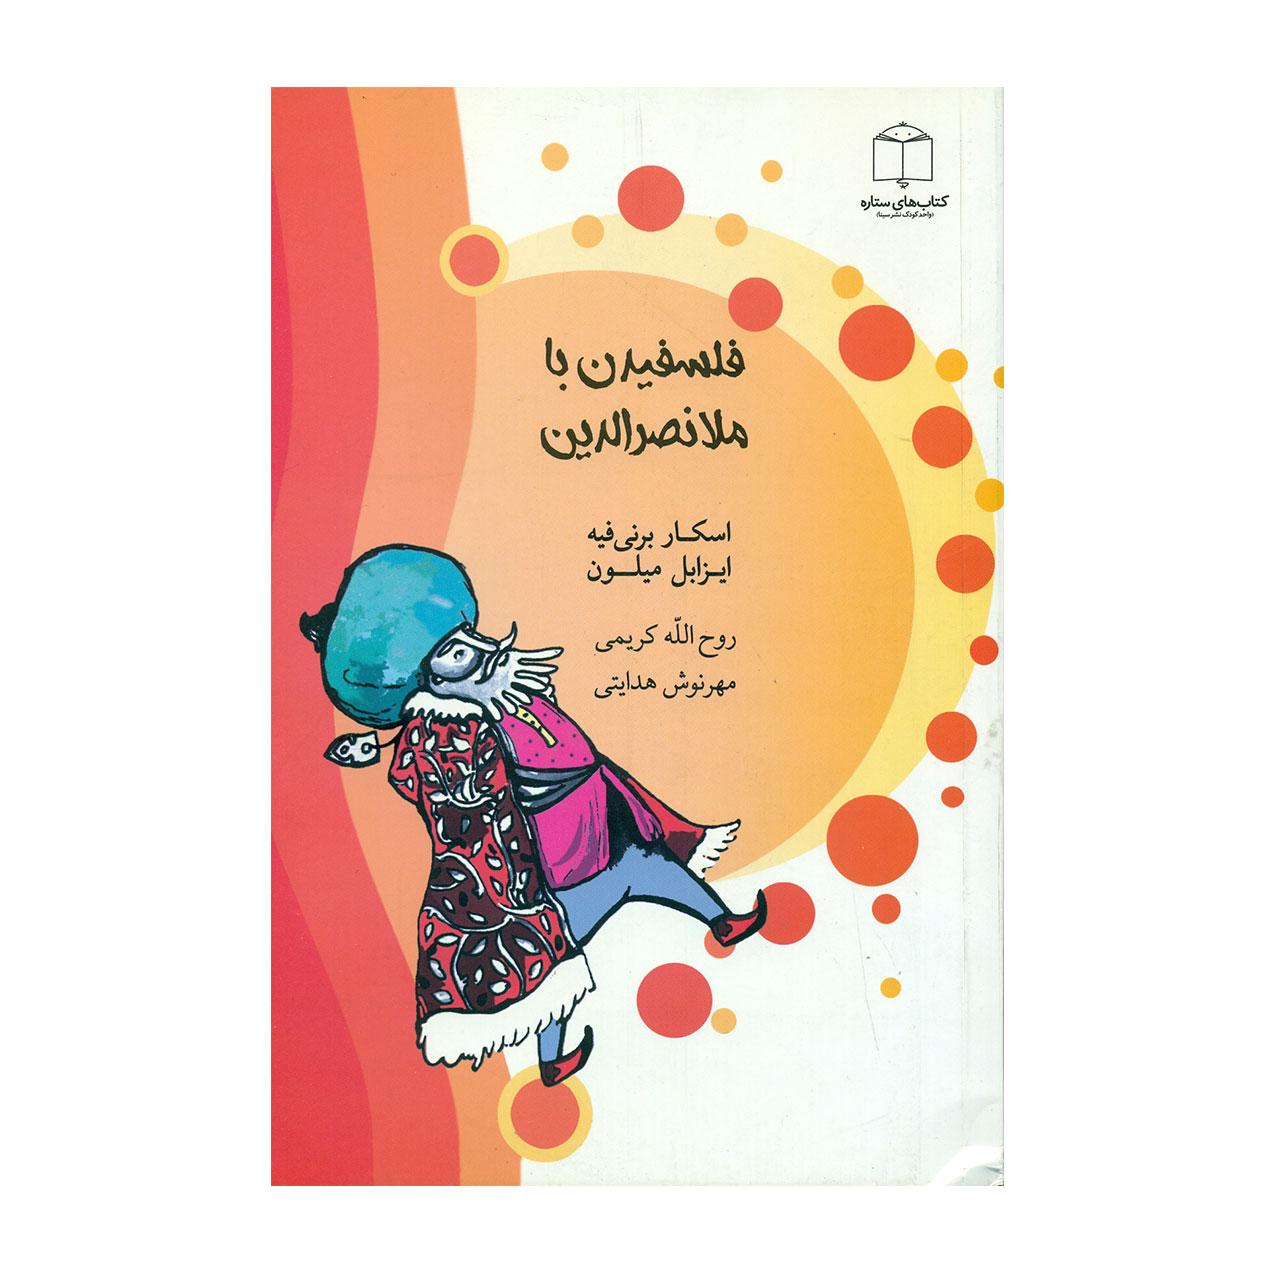 کتاب چاپی,کتاب چاپی انتشارات سینا